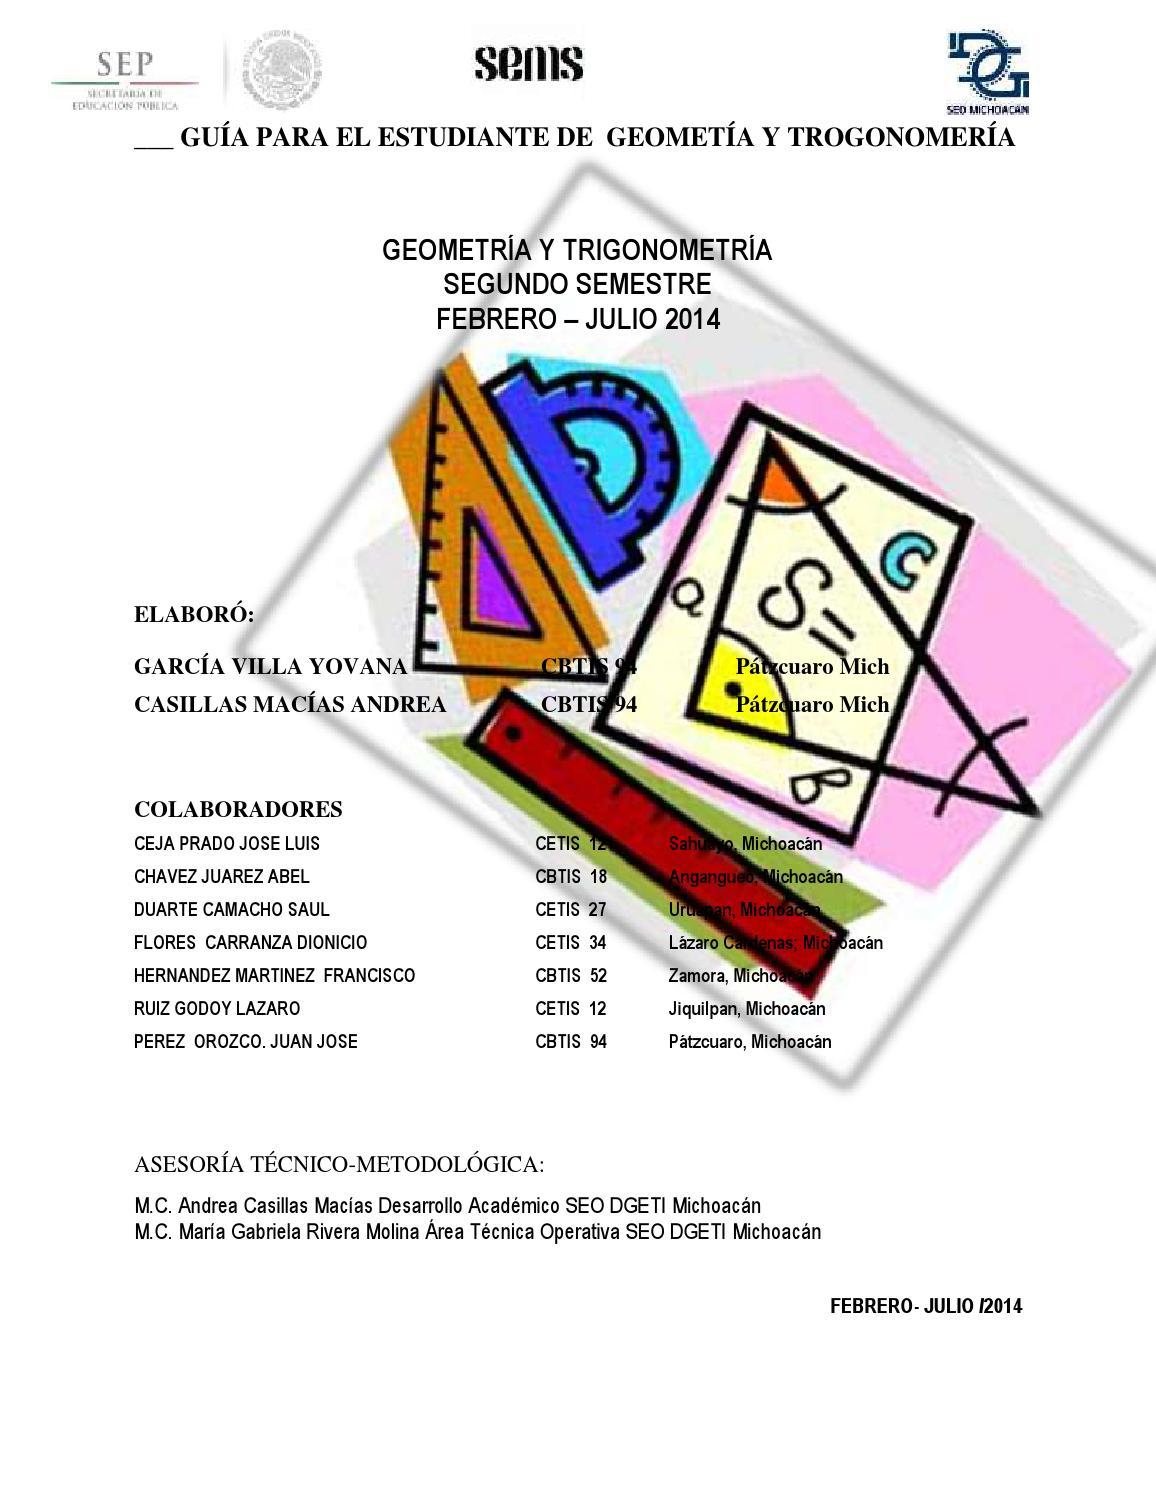 Guía de Geometría y Trigonometría by DGETI Michoacán - Issuu - photo#42